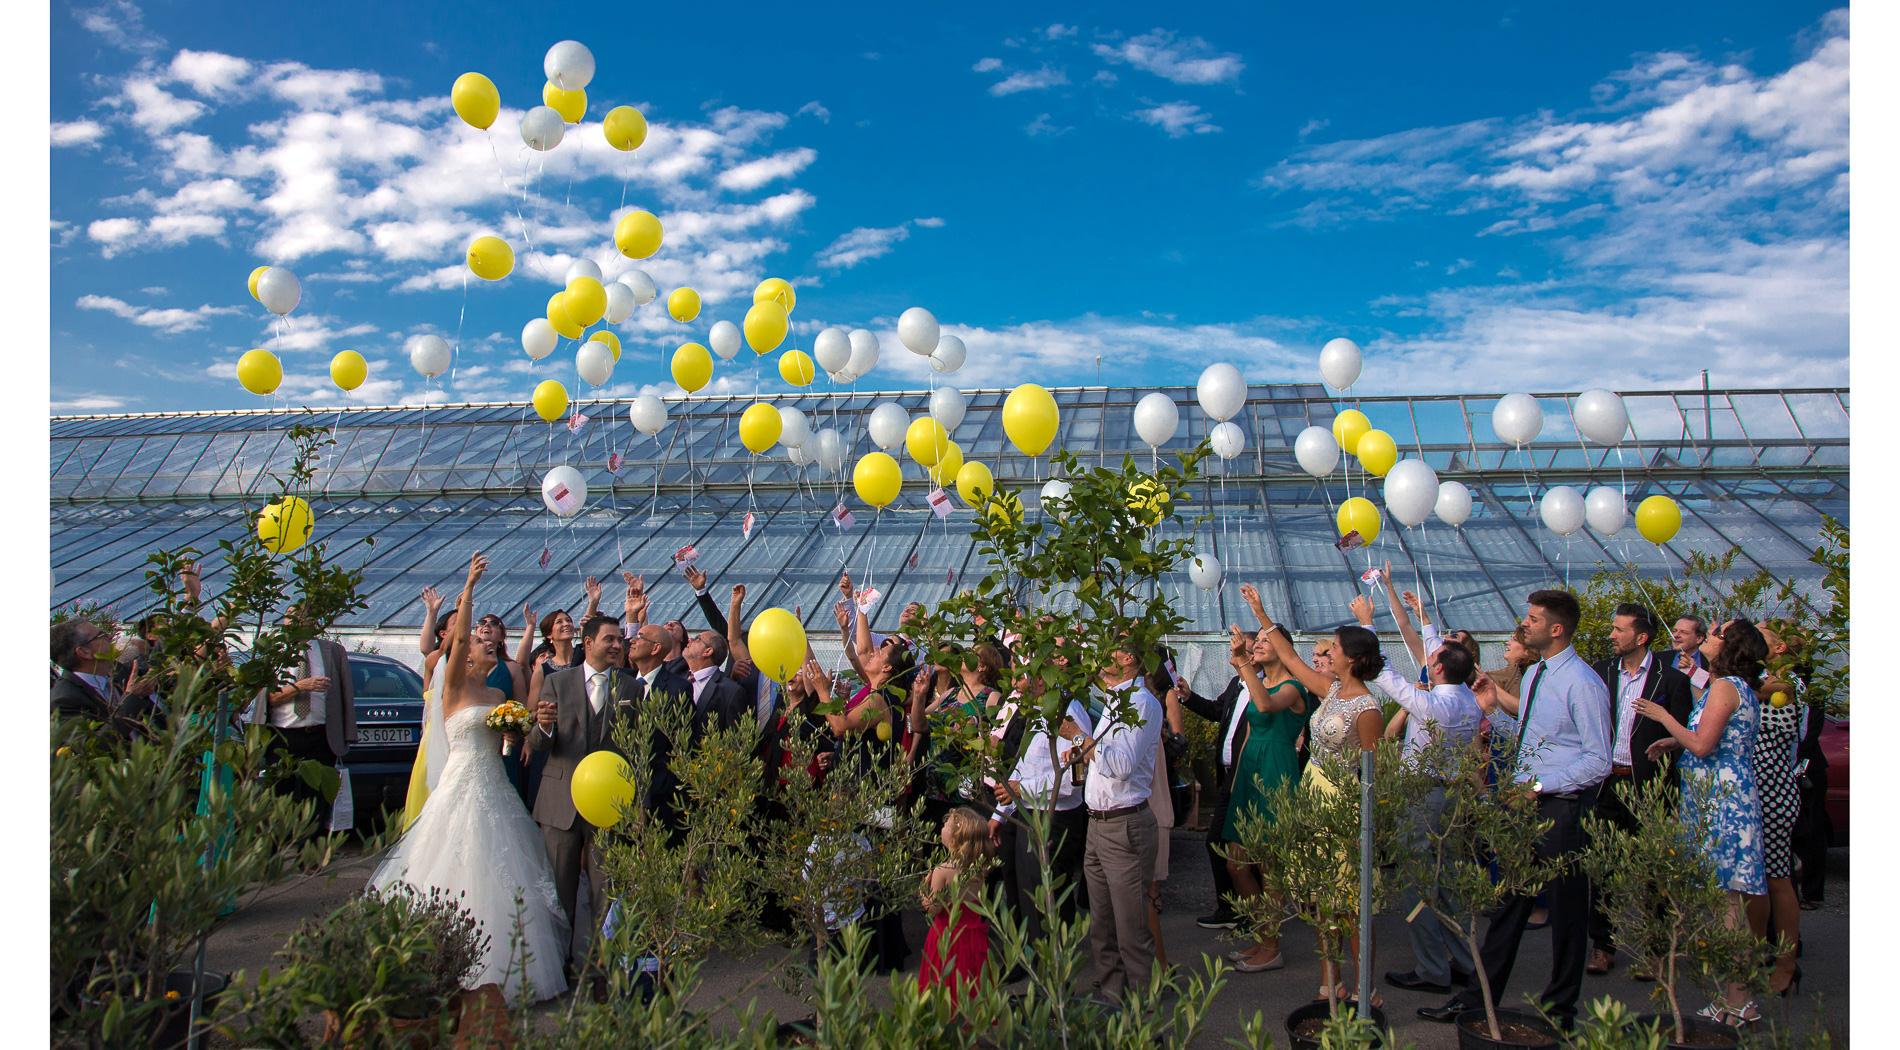 Hochzeit Ballone steigen lassen